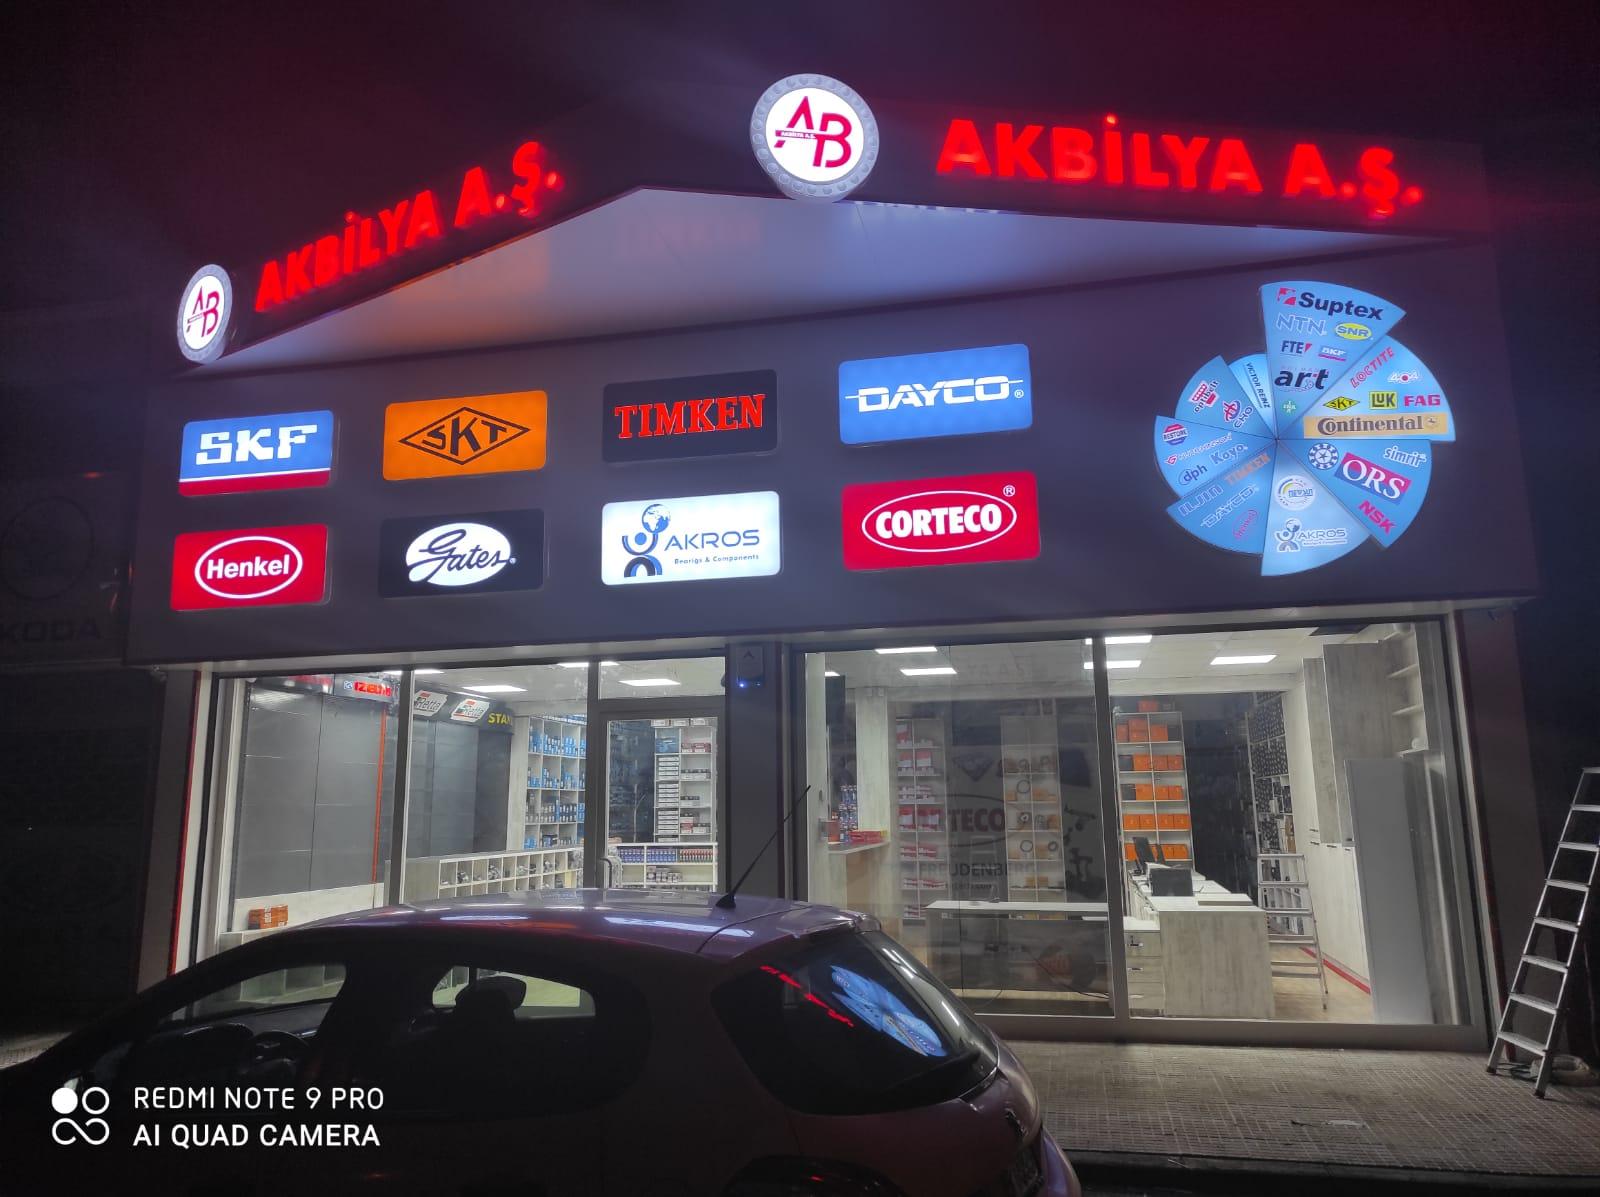 Akbilya Bursa Şubemiz Hizmetinizde.